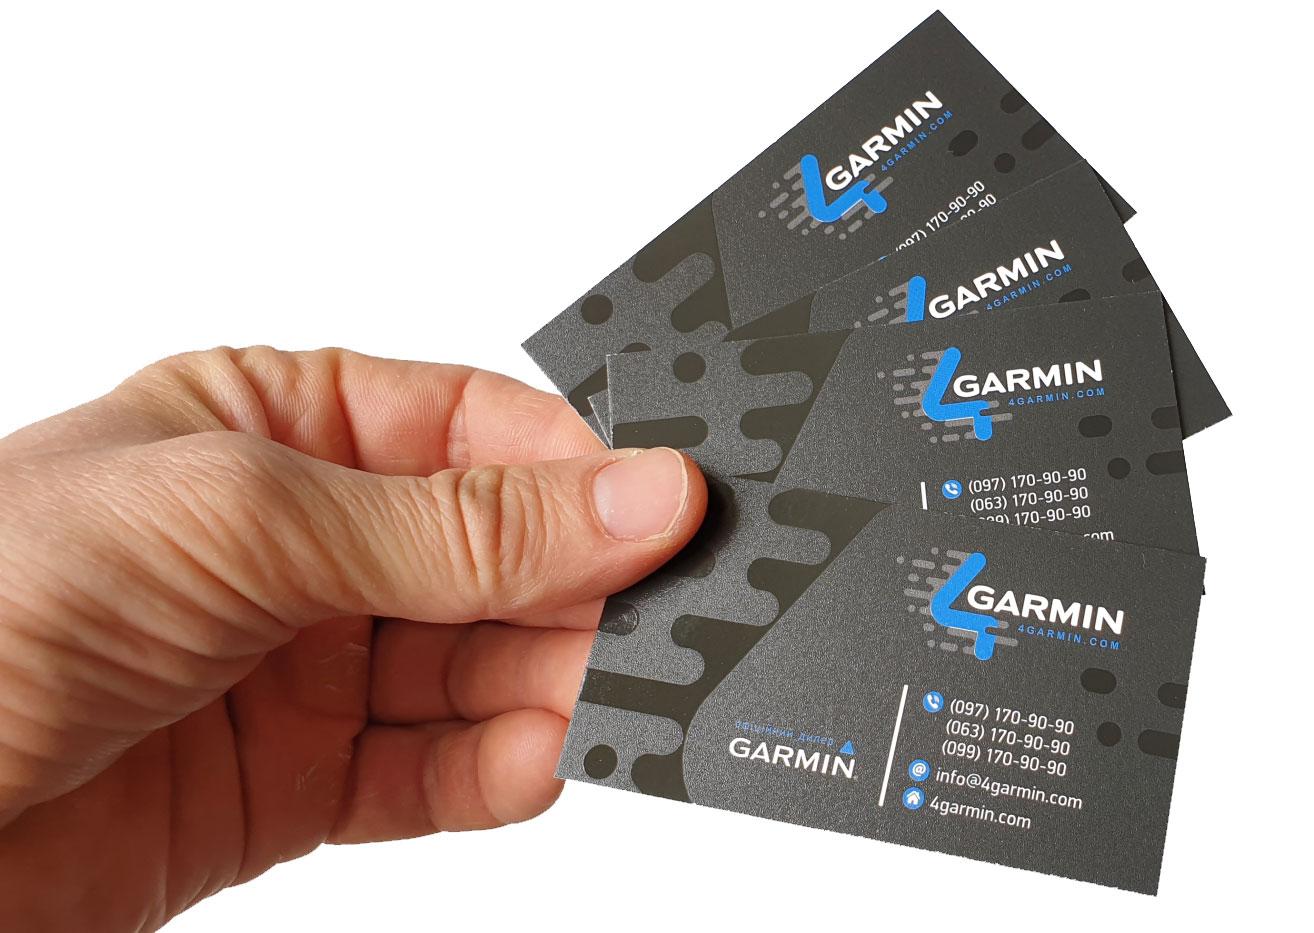 Создание сайтов визиток - быстро, дешево и качественно